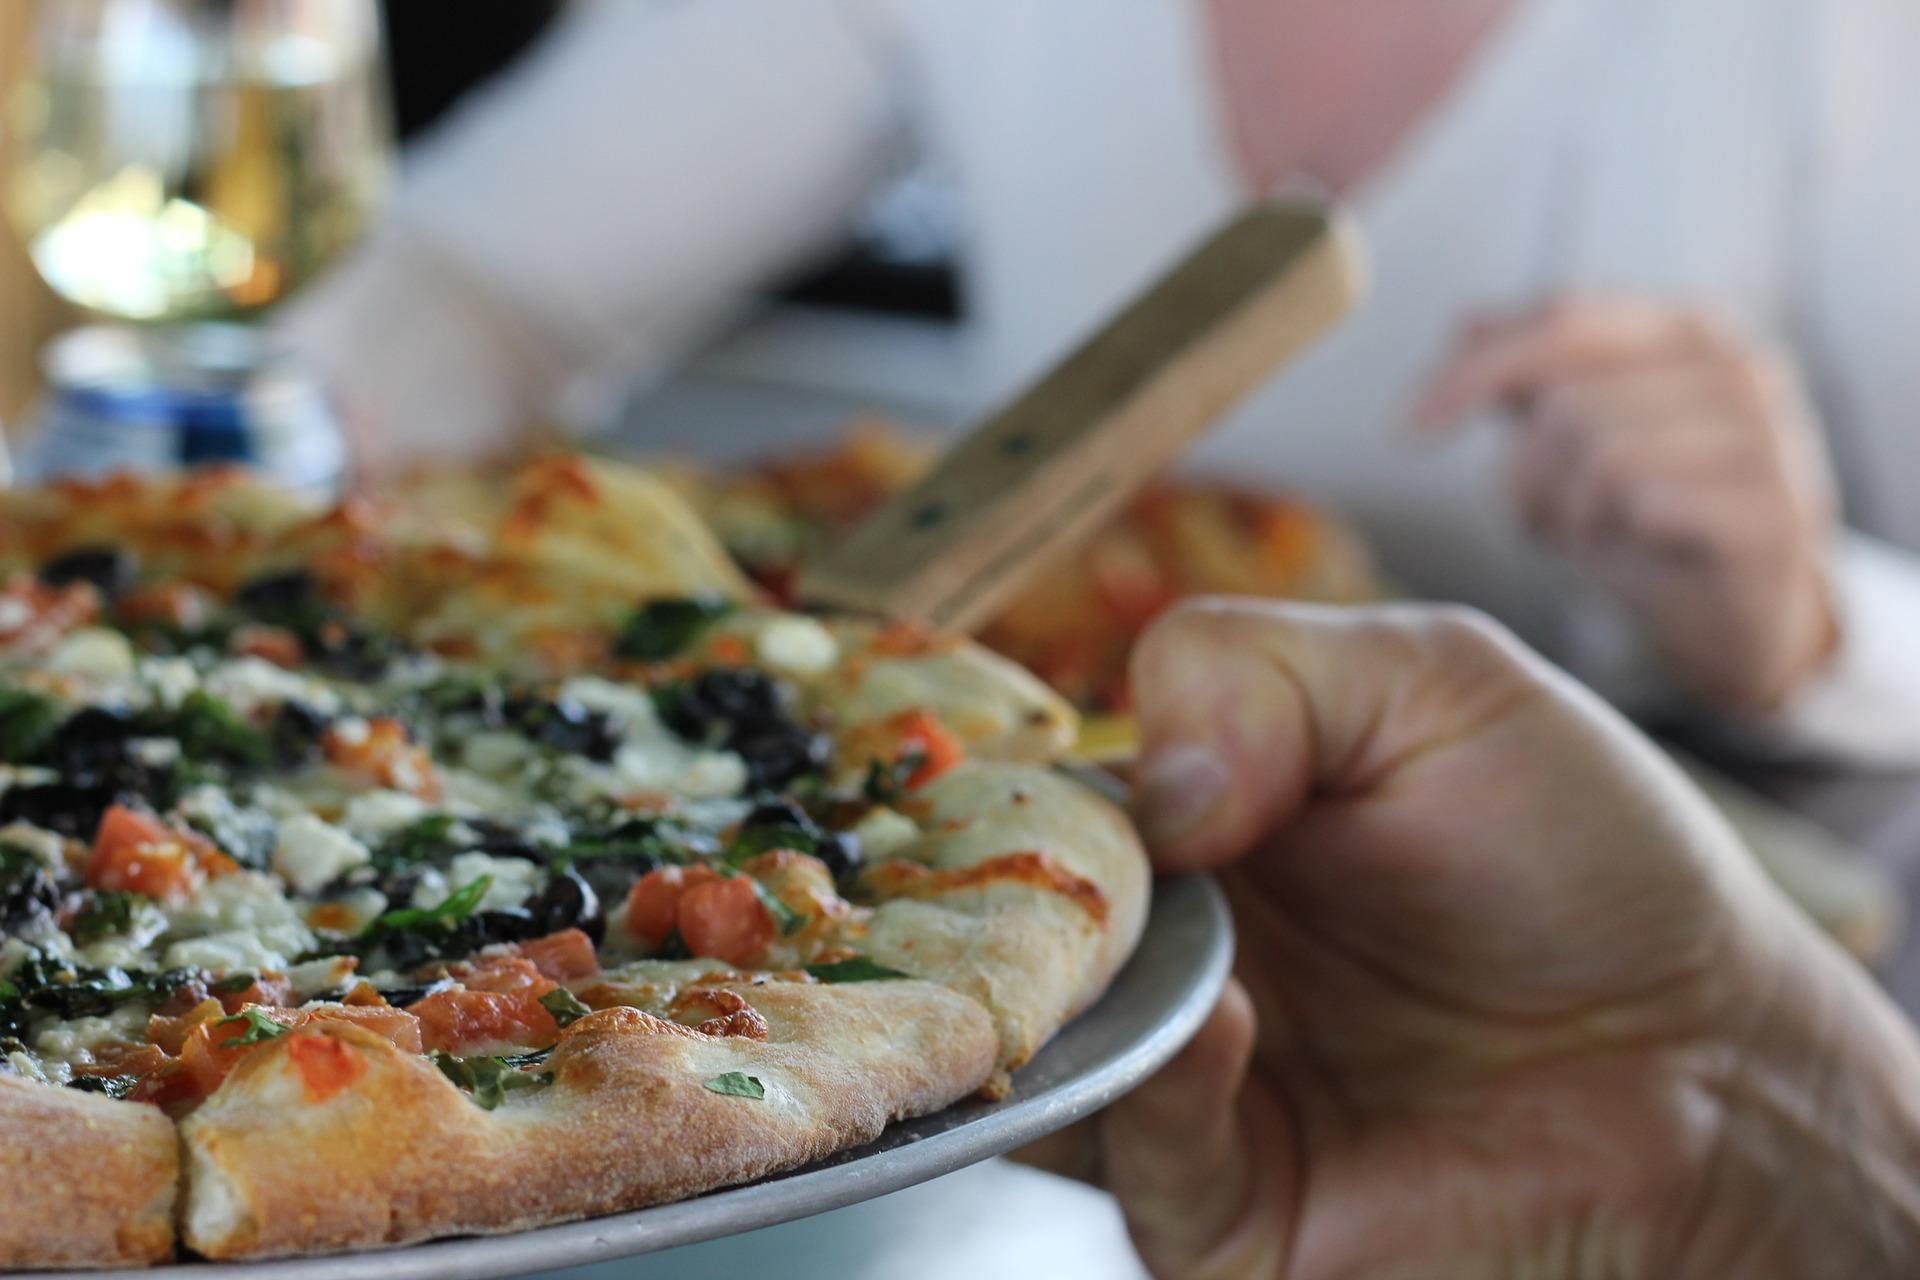 Dégustez nos pizzas faites maison au Snack - Pizzeria Le Verdillé